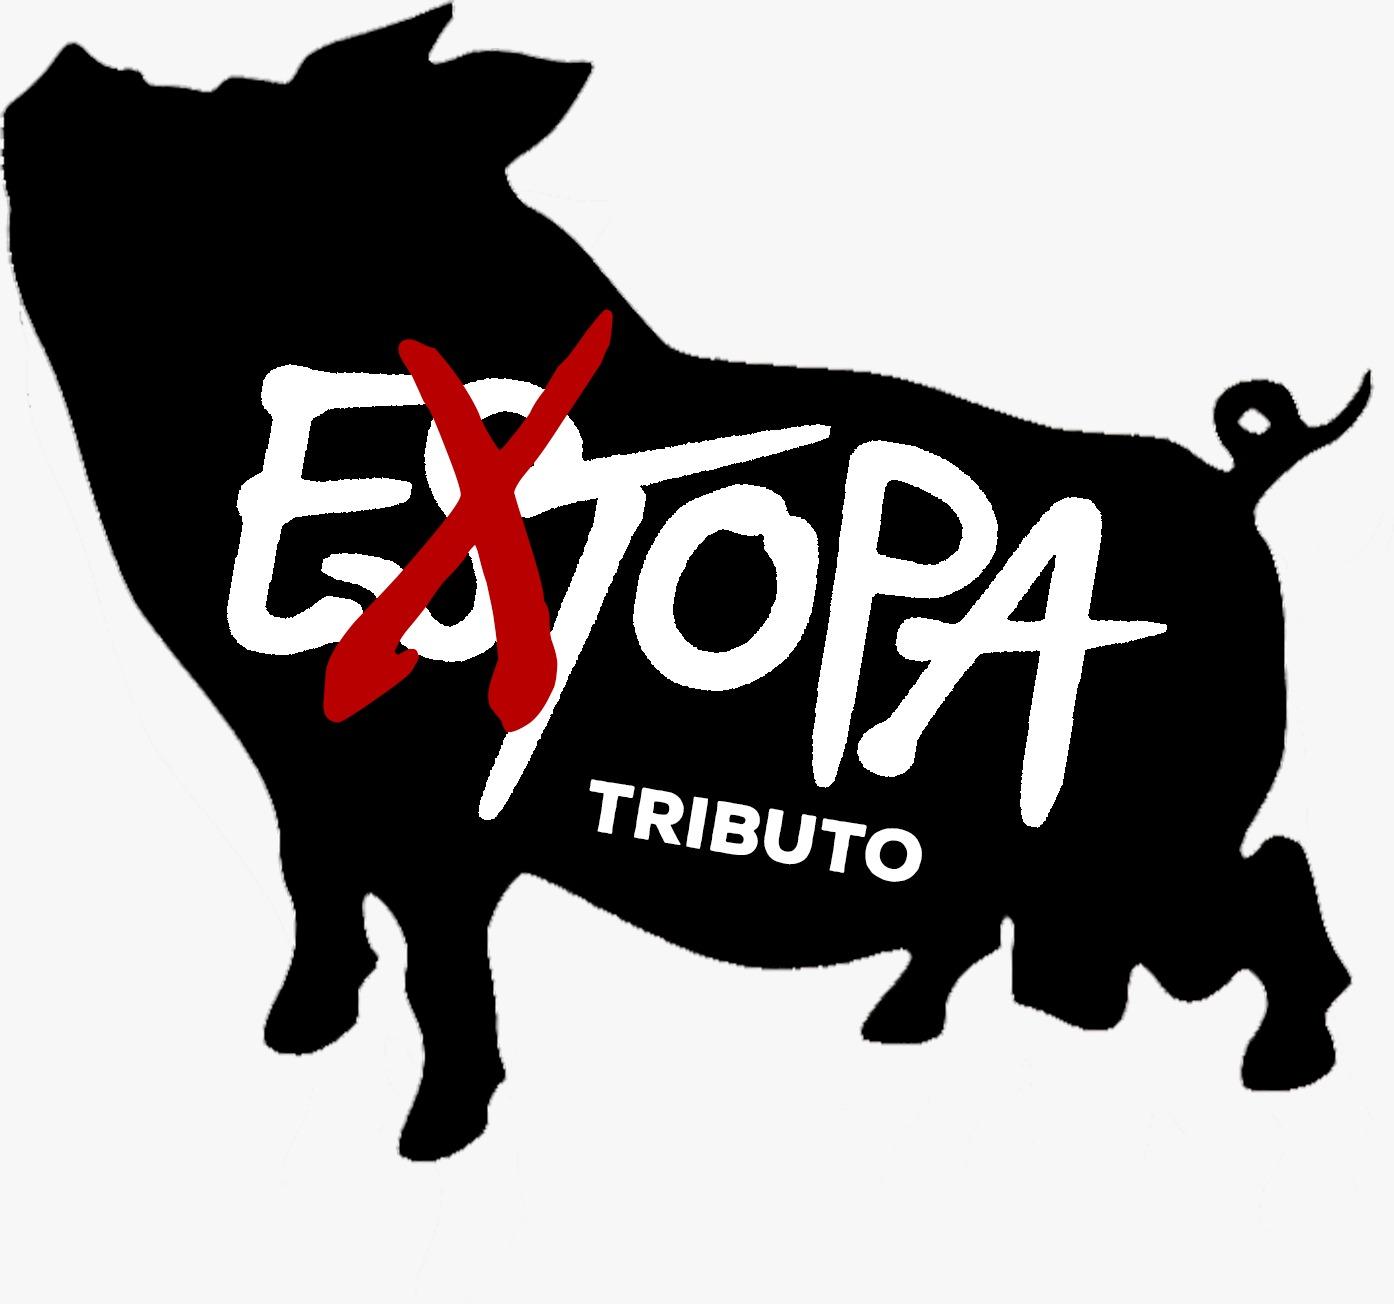 Extopa tributo a Estopa vuelven a Malpartida de Cáceres